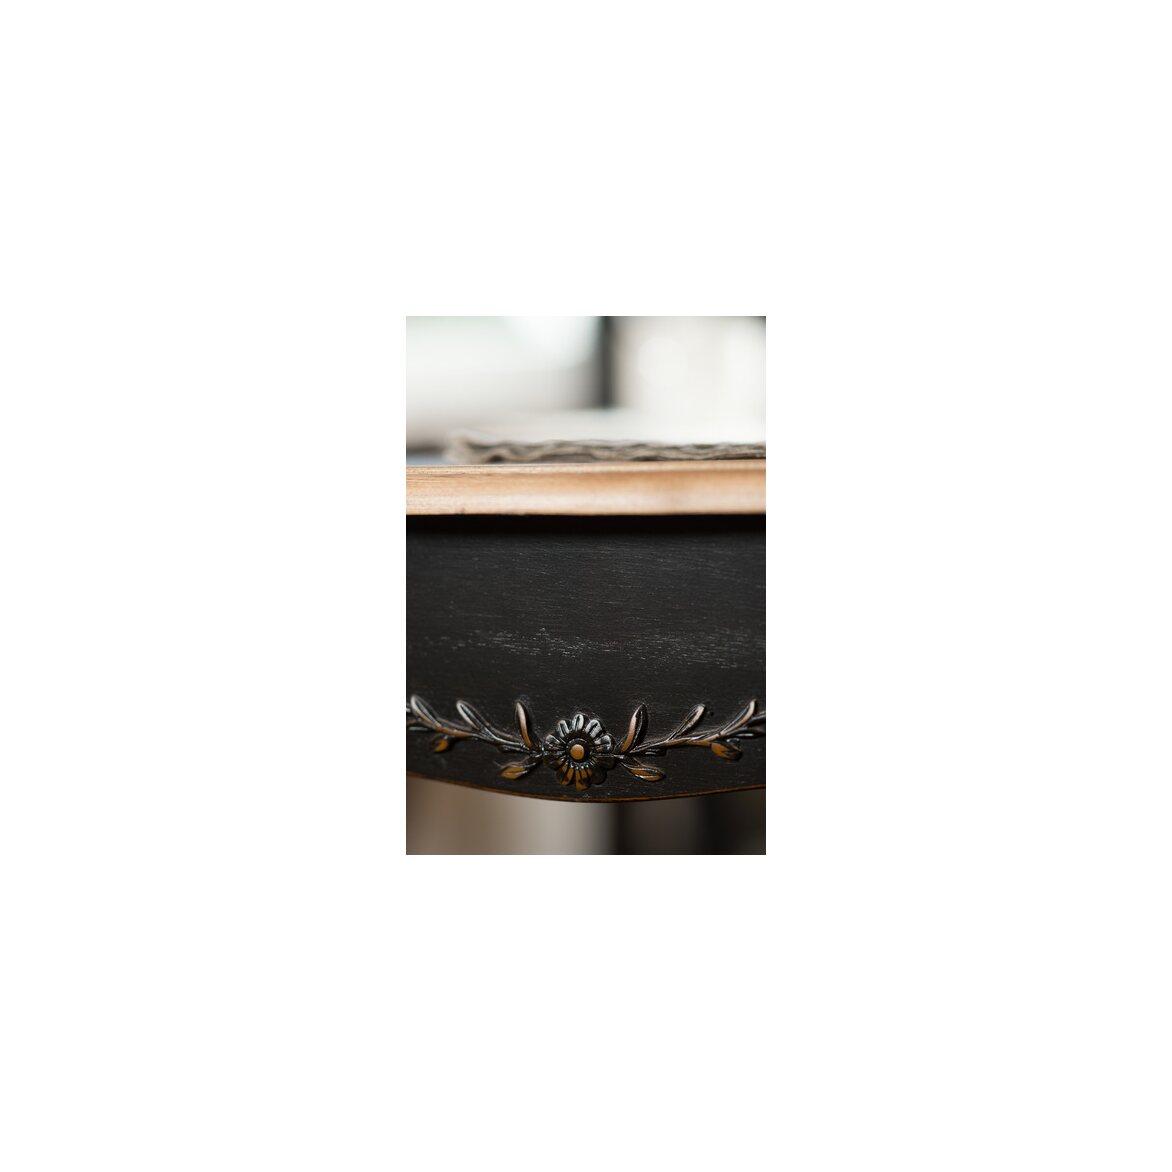 Круглый обеденный стол (большой) Leontina, черного цвета 6 | Обеденные столы Kingsby